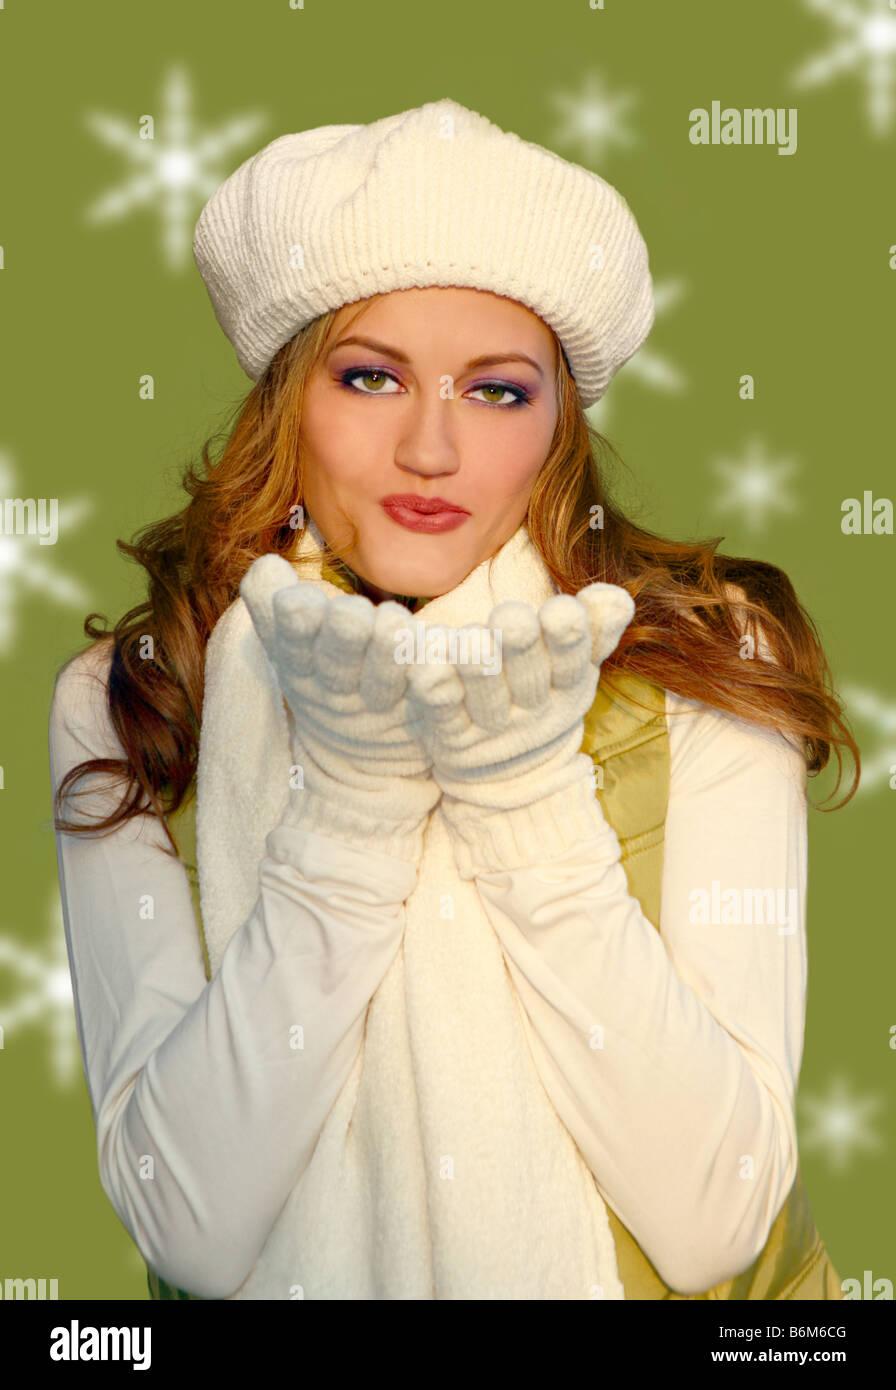 Hübsche Blonde Frau bläst Küsse tragen warme Winterkleidung Stockbild